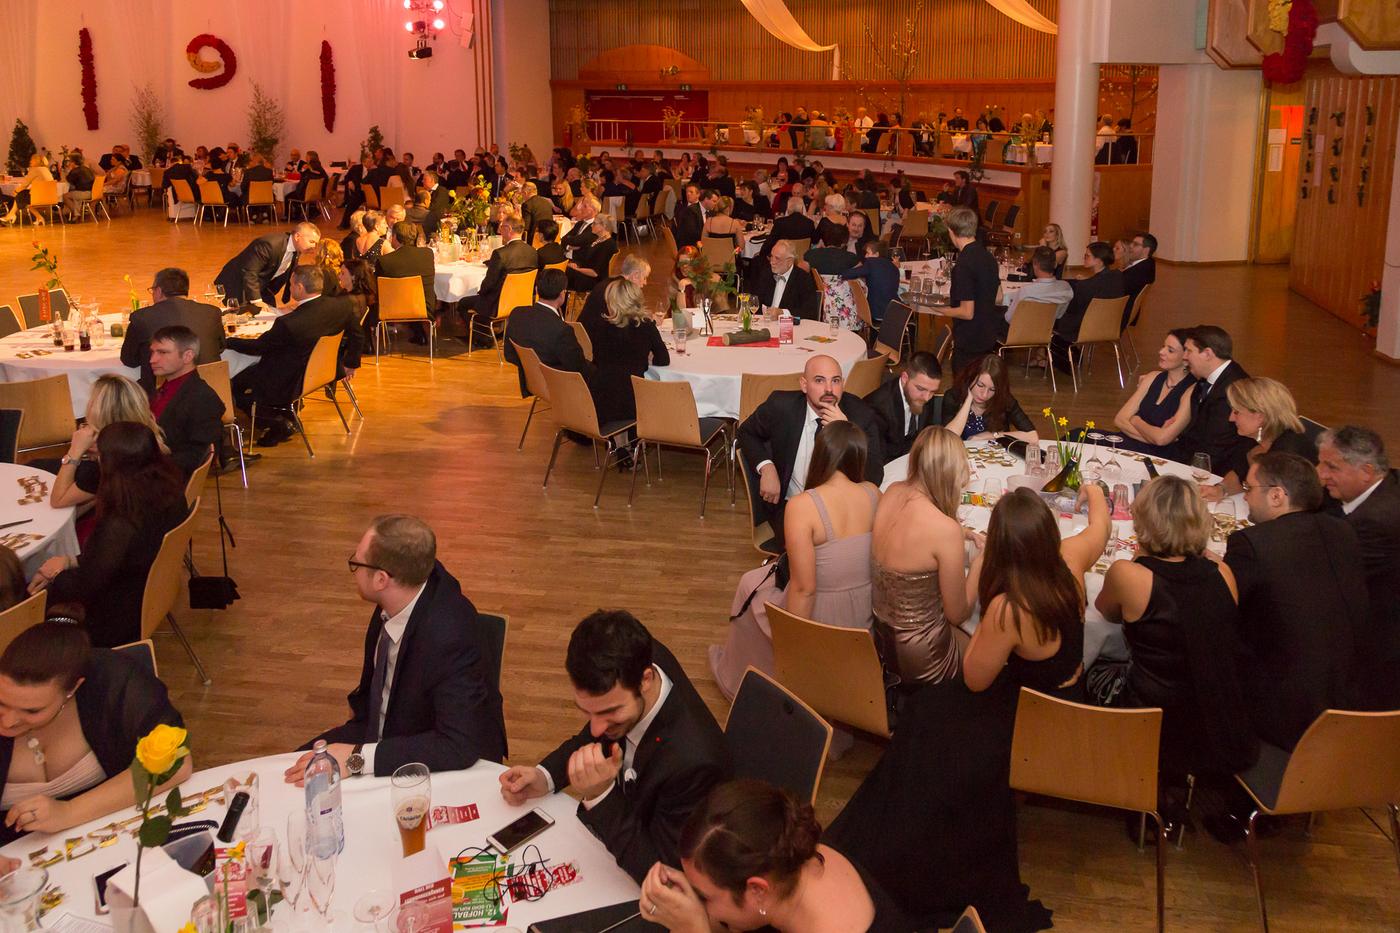 Kürnberghalle von innen mit runden Tischen an denen Personen sitzen